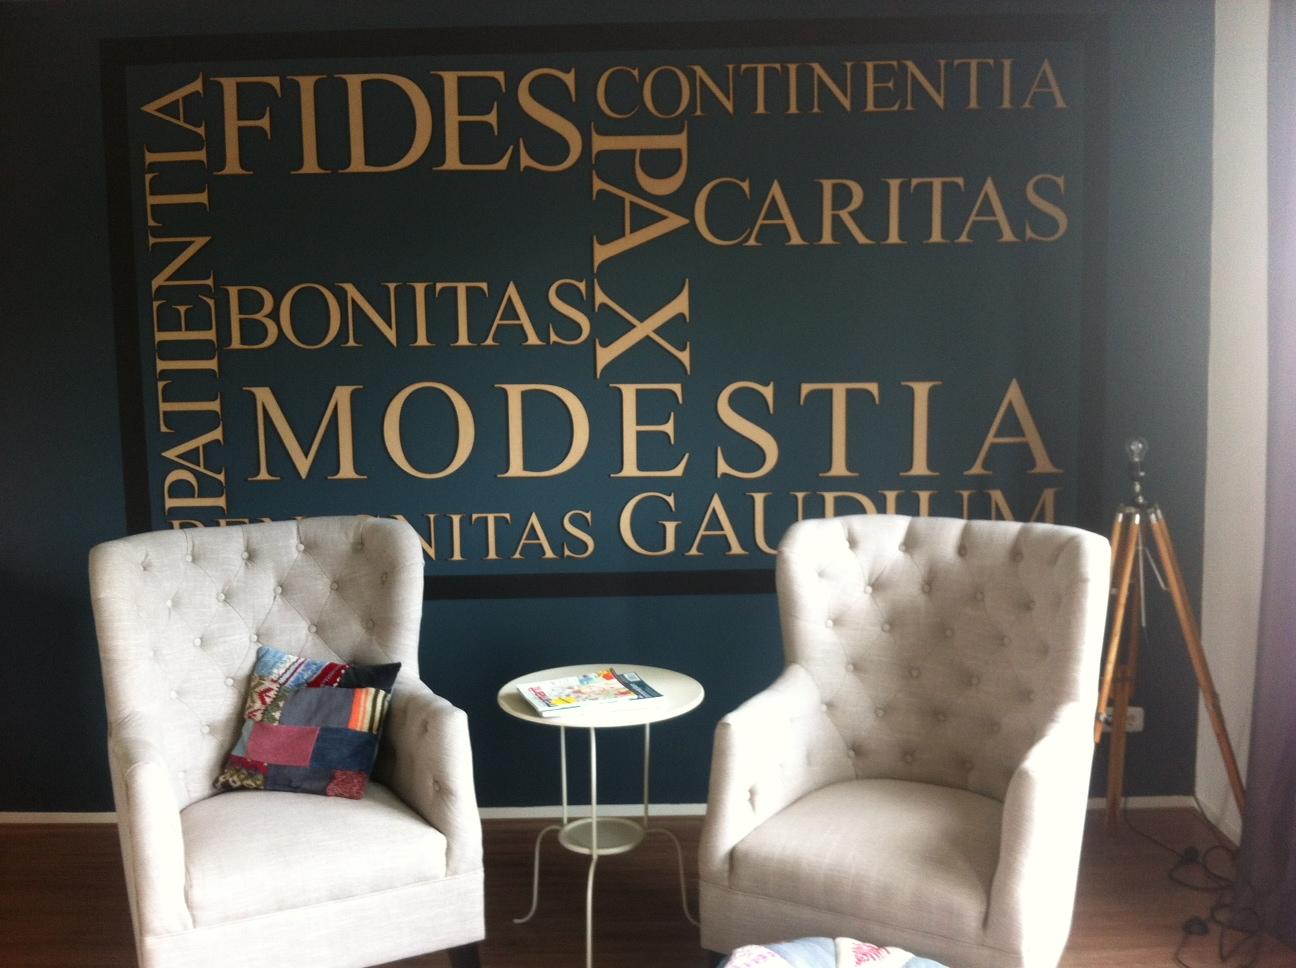 tekst op muur met letters